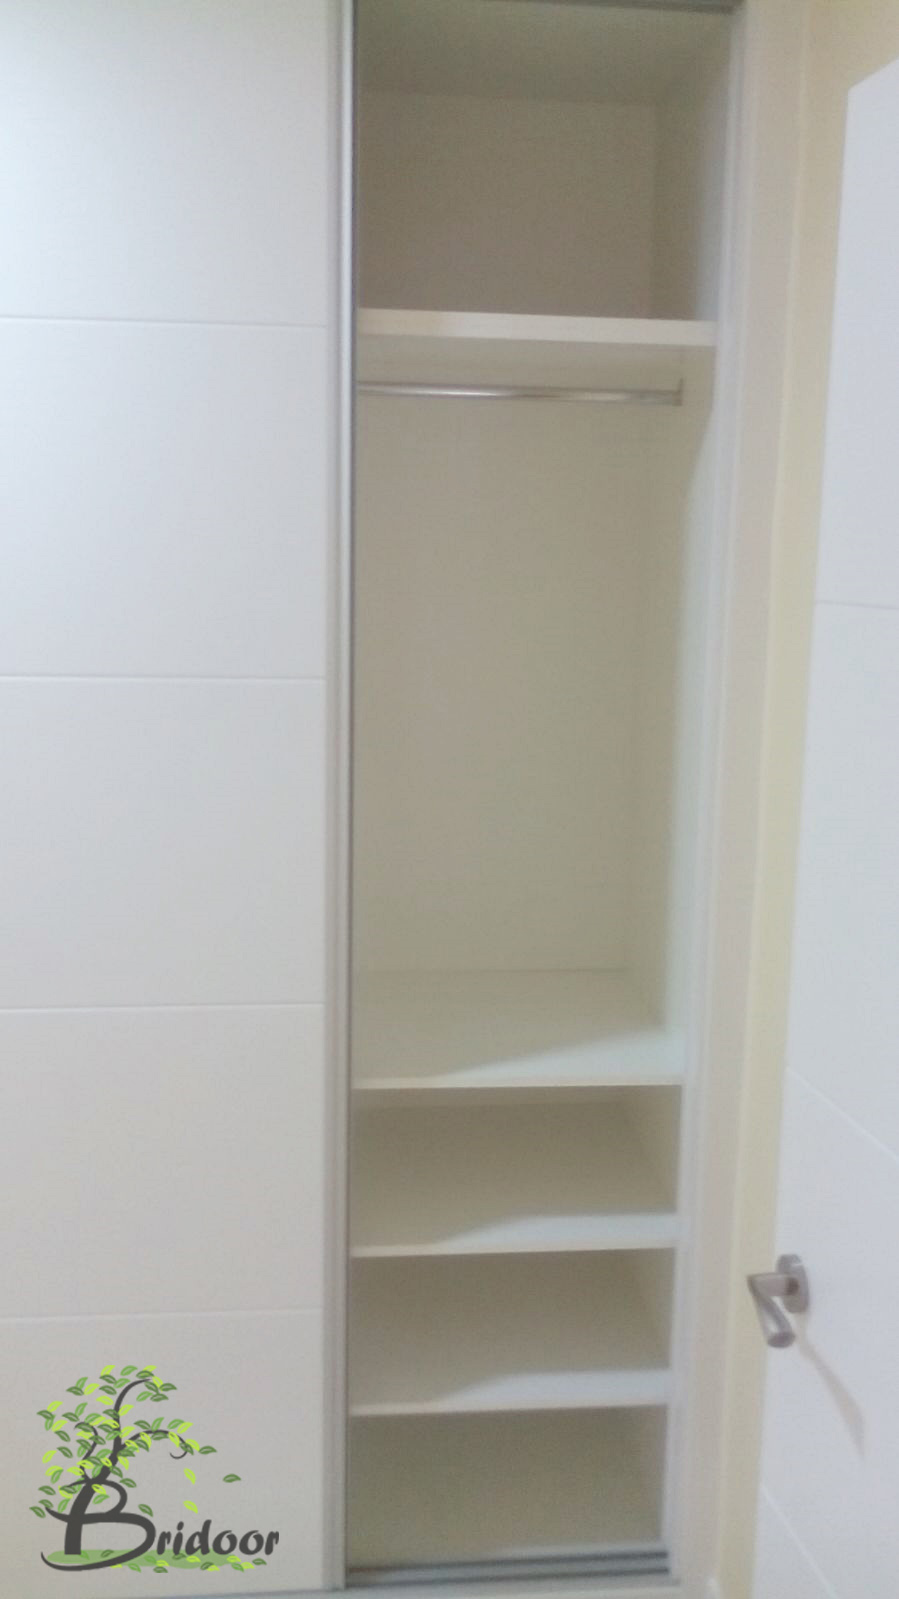 Bridoor s l vivienda con puertas y armarios lacados en la - Diseno interior armario ...